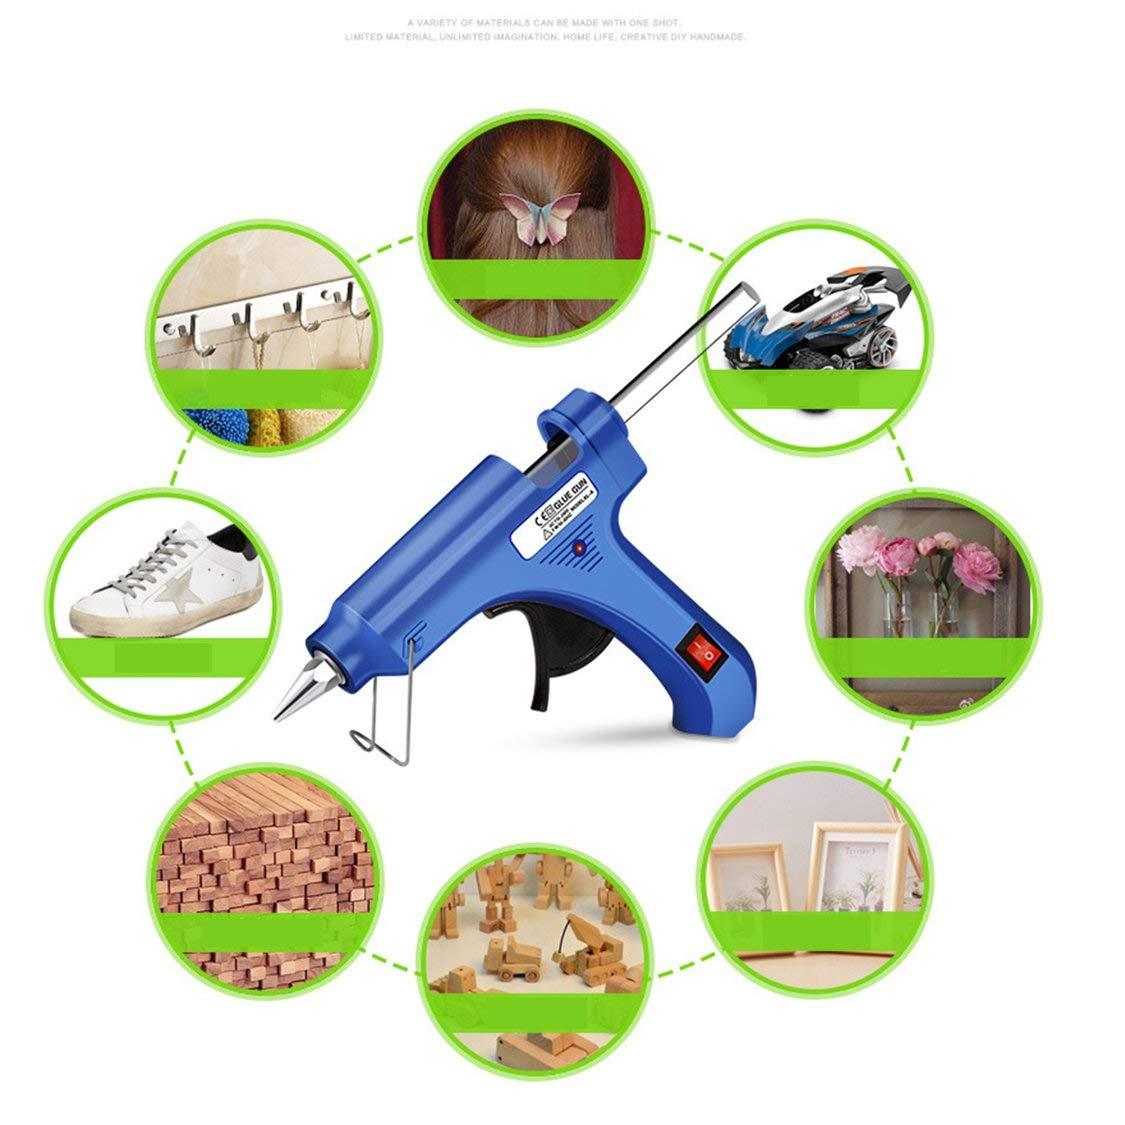 Multifonctionnel 20W haute temp/érature chauffage fondre un outil de r/éparation de pistolet /à colle chaude pistolet /à chaleur mini pistolet temp/érature de la chaleur /électrique outil bleu